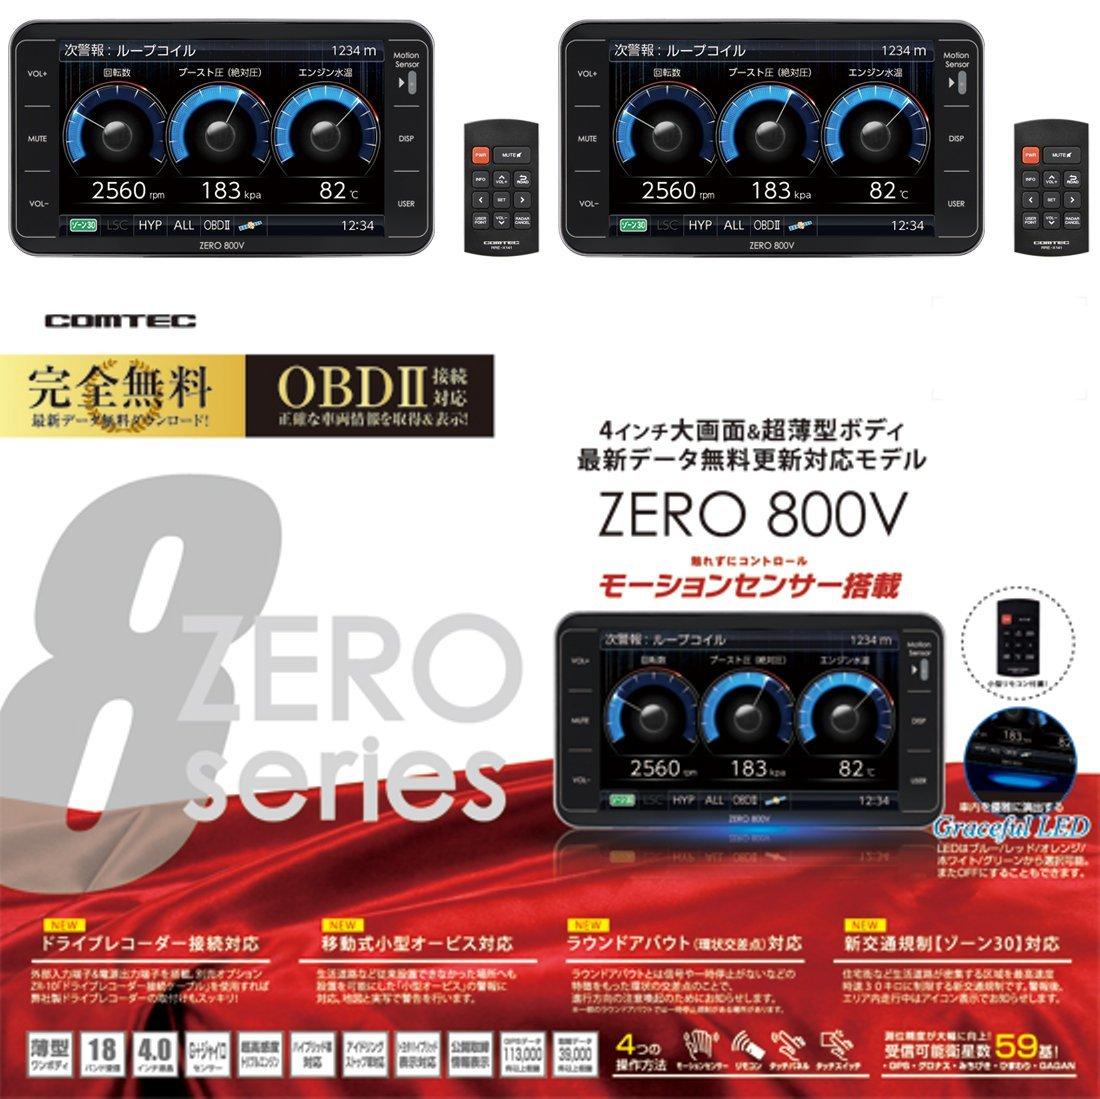 送料無料☆新品未開封☆ZERO800V☆OBD2-R2付属のグロナス&みちびき受信☆最速GPS受信レーダー探知機☆